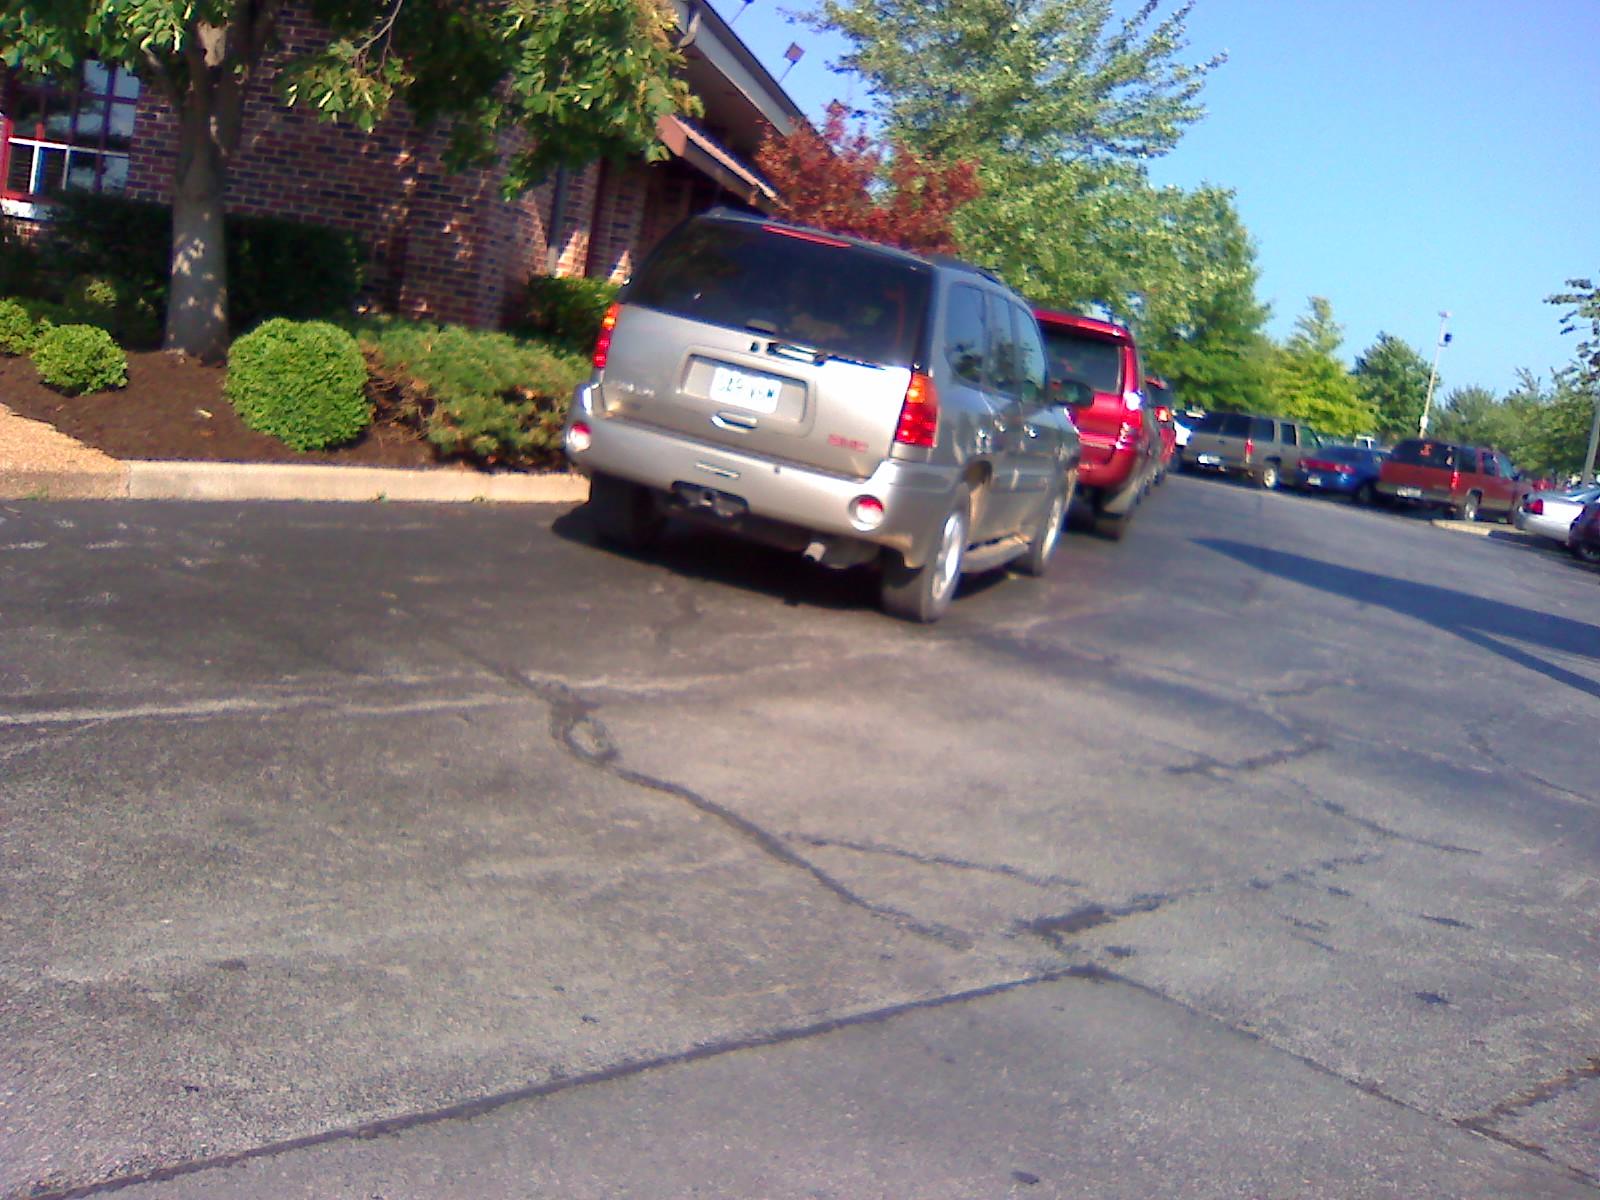 [Parking+Lot+Idiots]